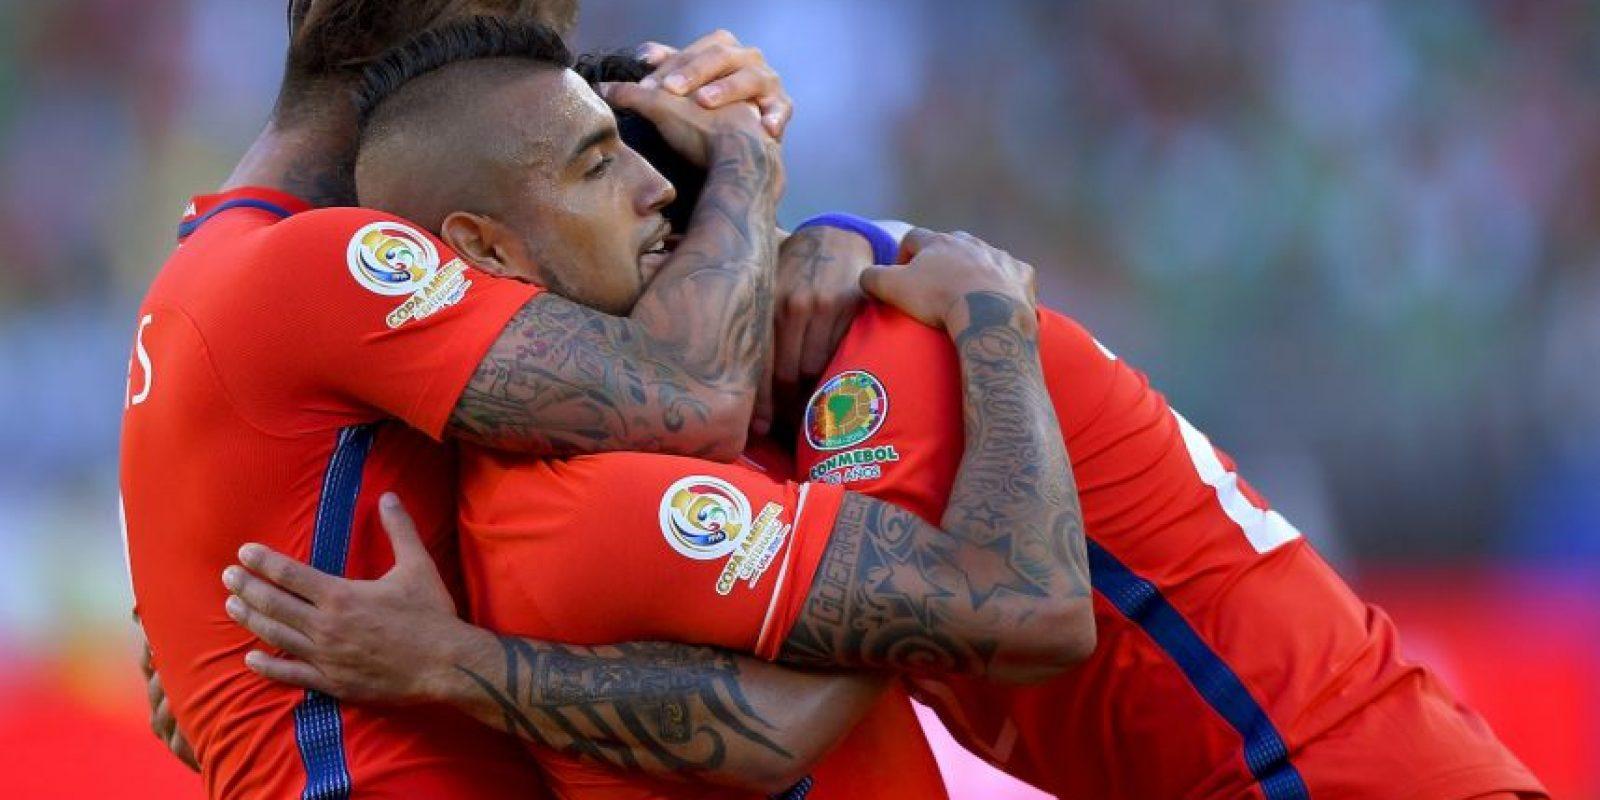 Los chilenos demostraron su credencial de campeón de América y humillaron a los mexicanos Foto:Getty Images